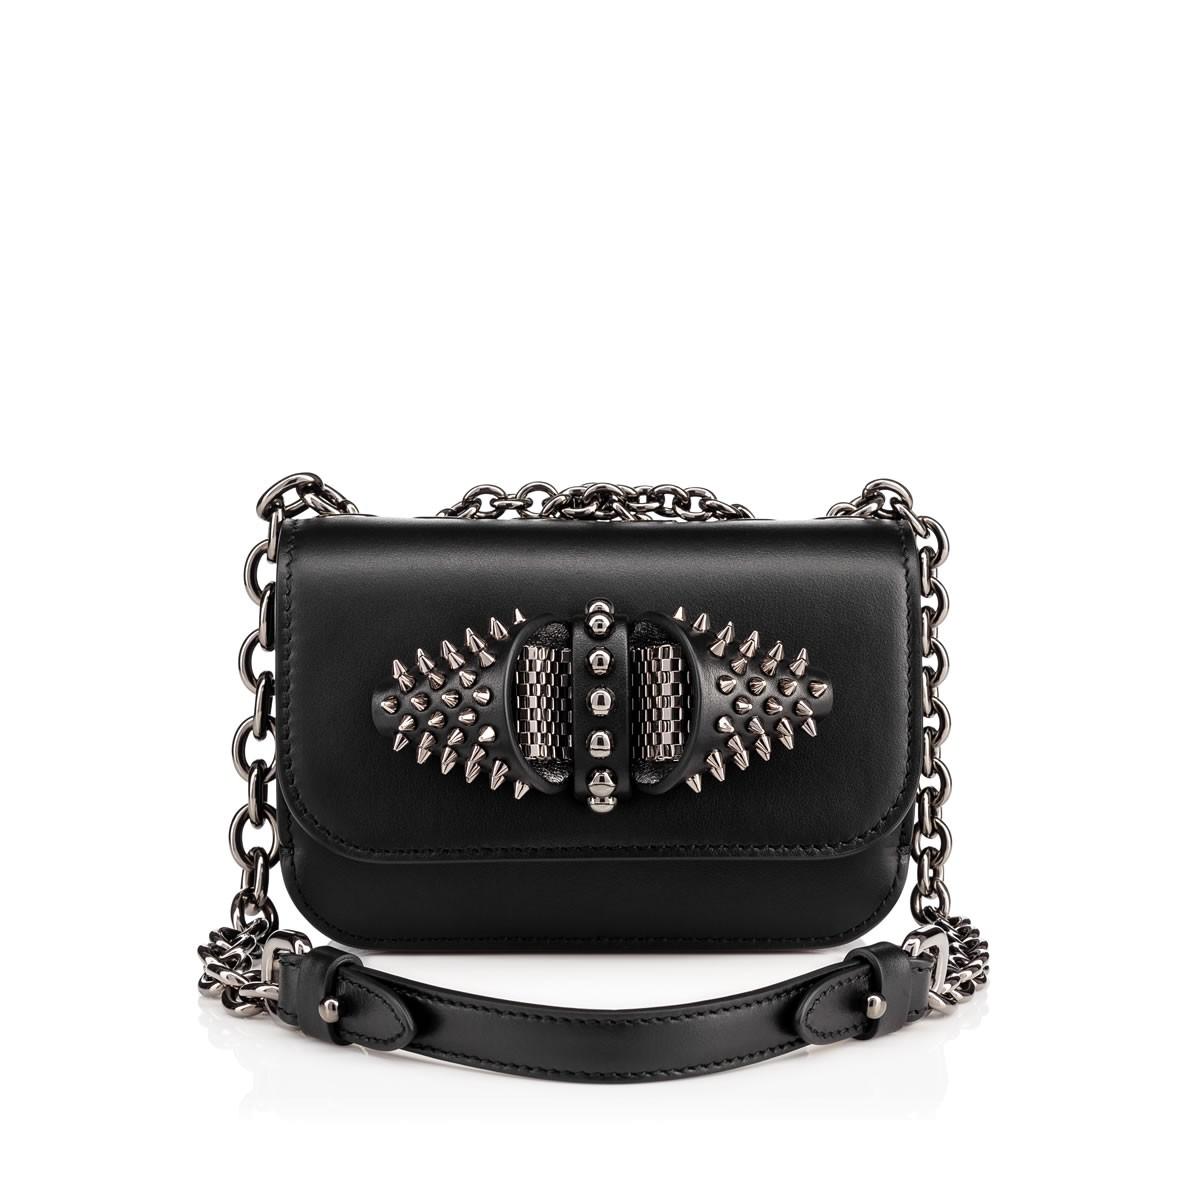 d99ab70293f Christian Louboutin Sweety Charity Mini Chain Bag In Black | ModeSens